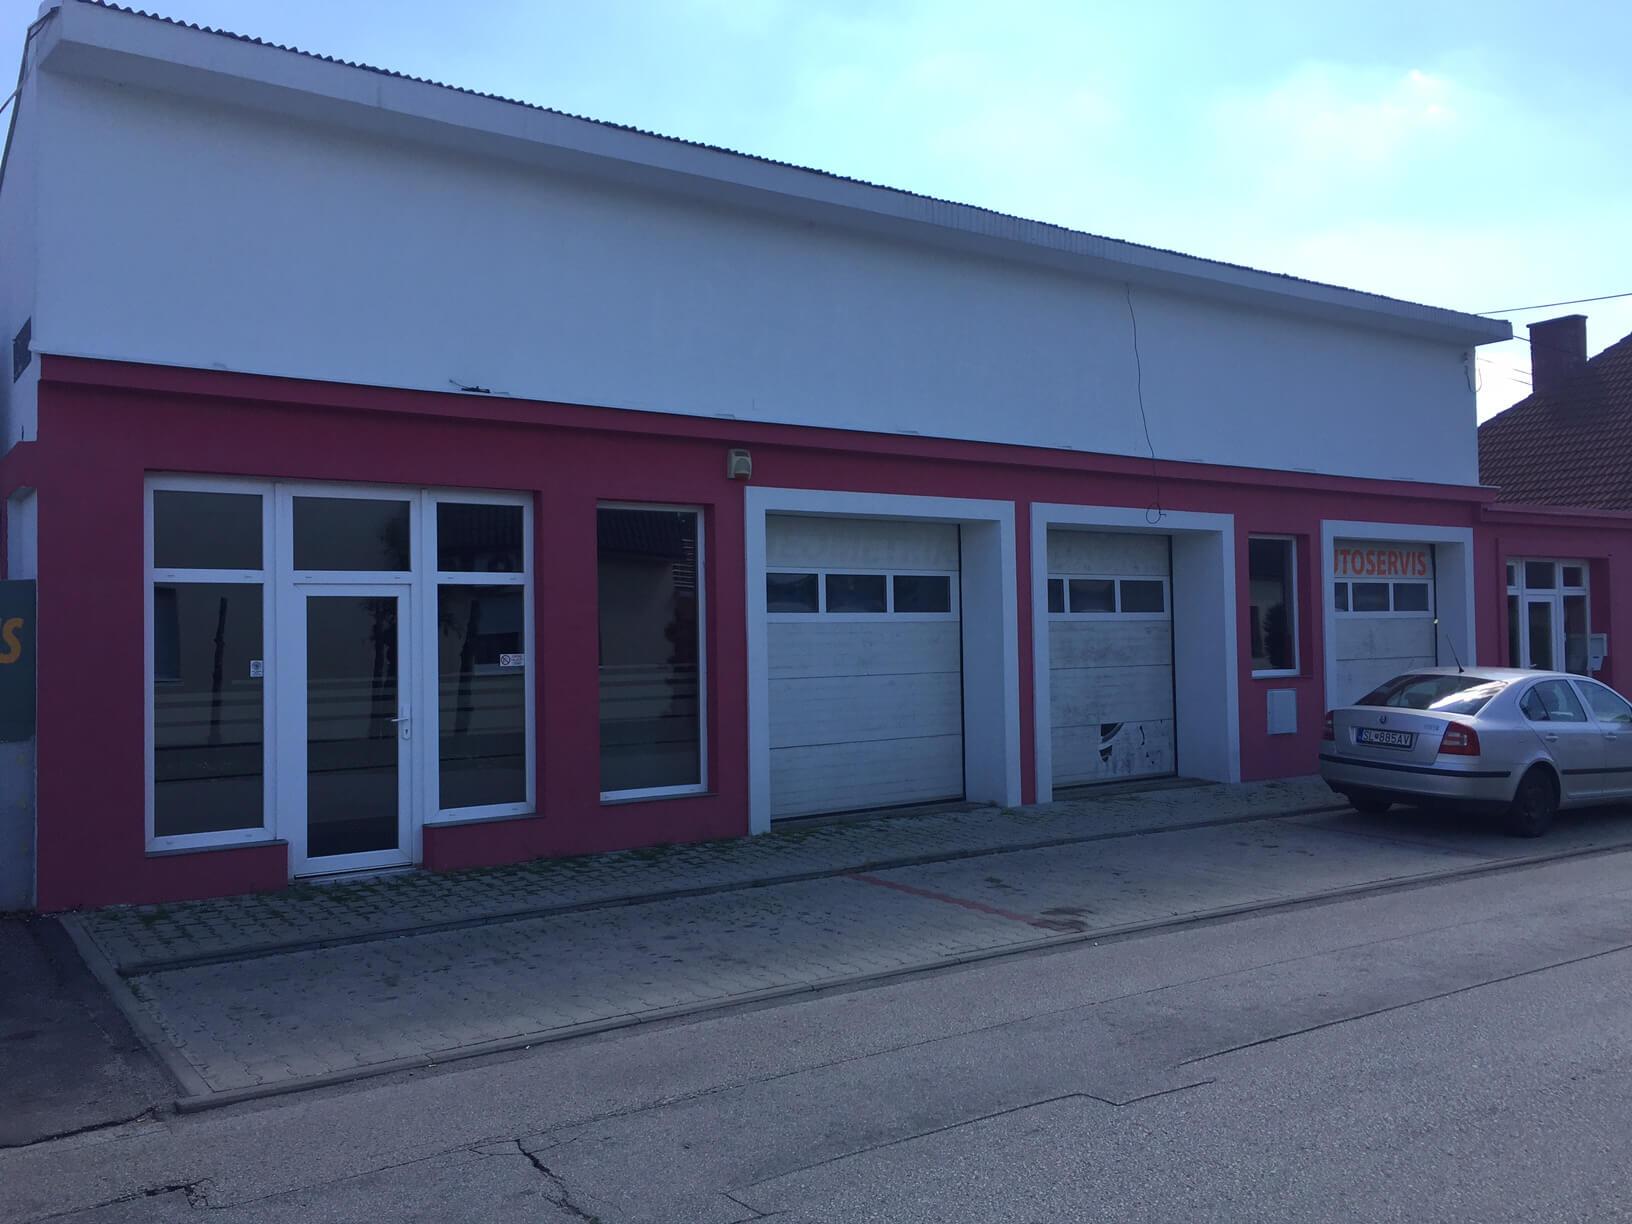 Predané: Predaj obchodného priestoru, najlepšie pre Autoservis, Pezinok, Ulica Mýtna/Šenkvická cesta. 240 m2-29